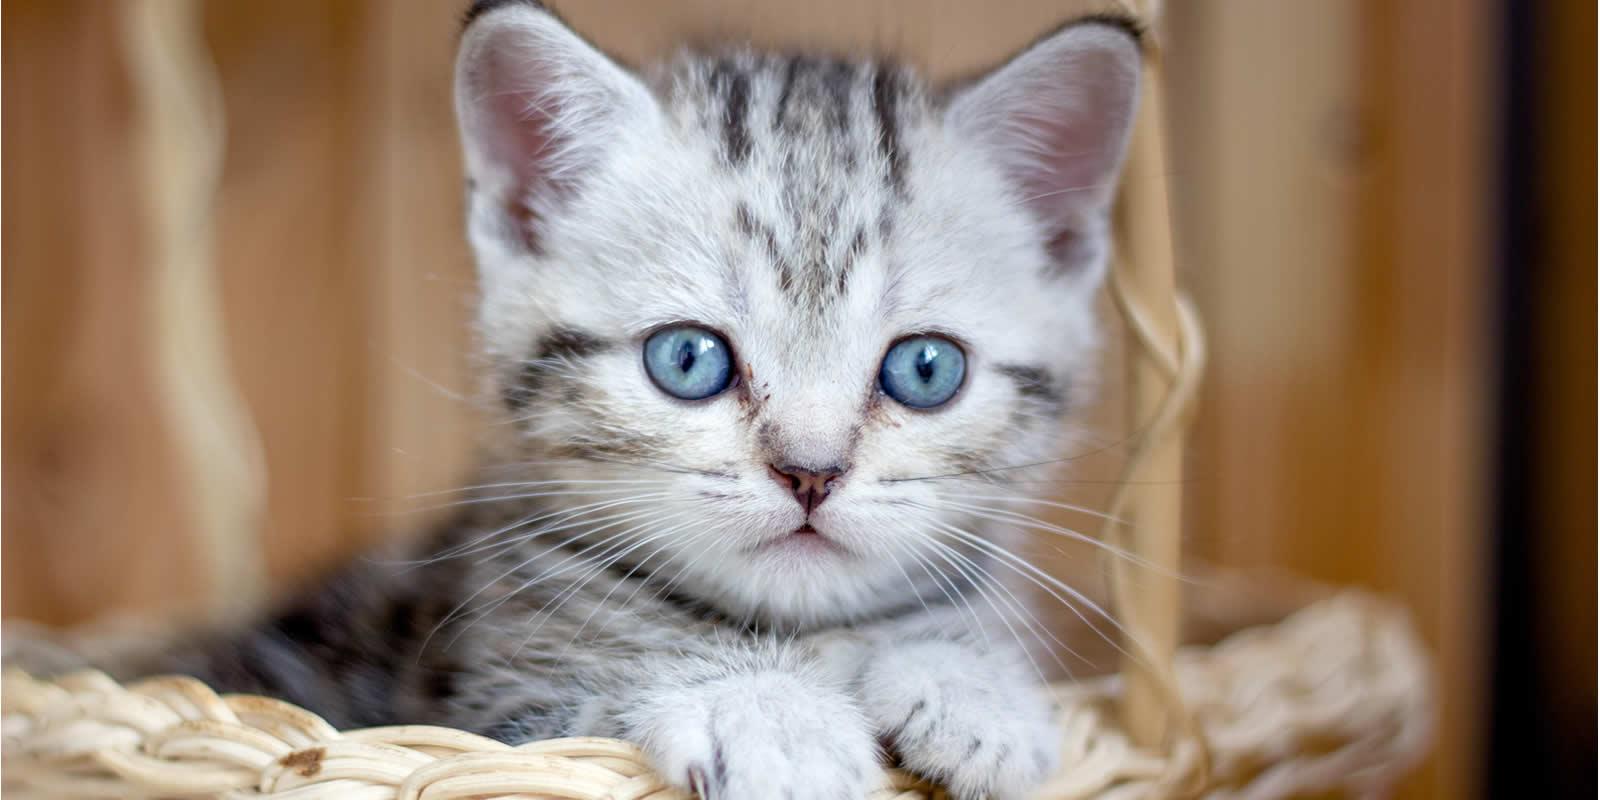 Katzenallergie Symptome und Hilfe bei einer Allergie gegen Katzen